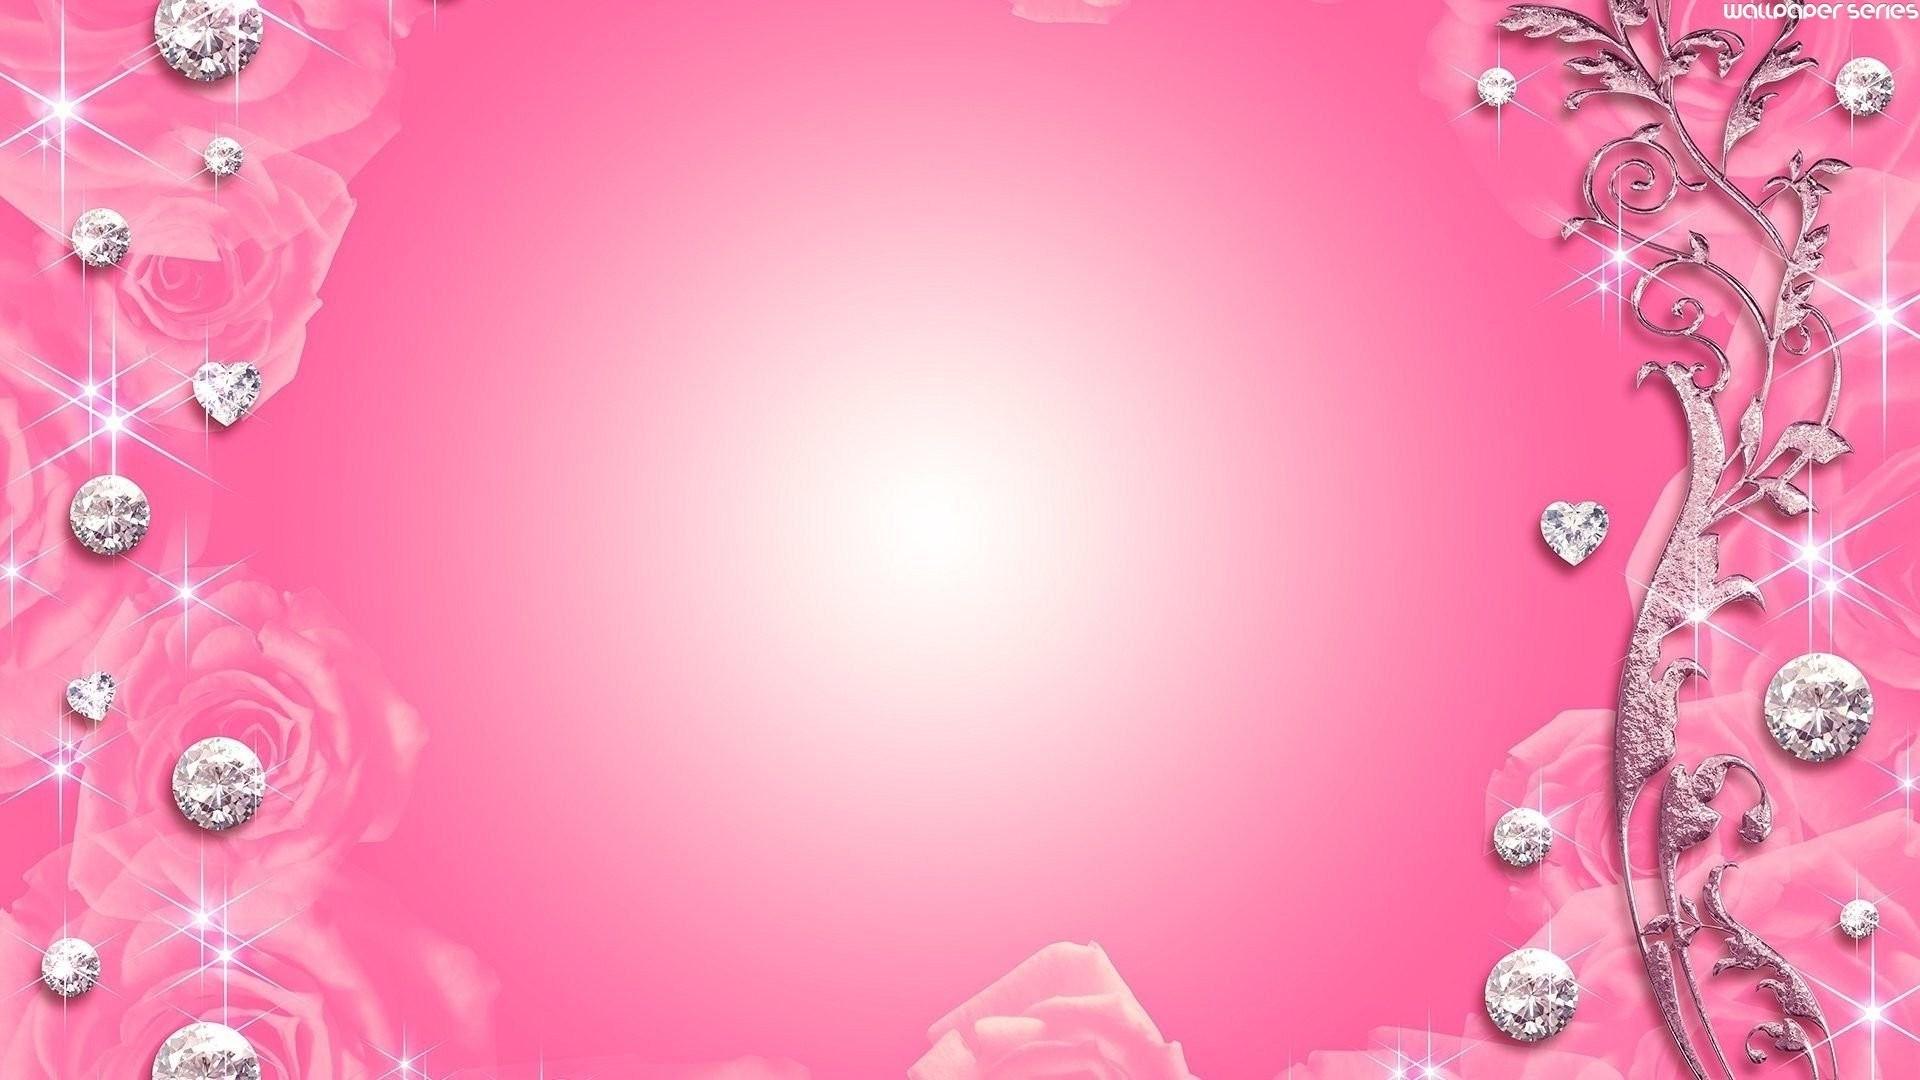 Res: 1920x1080, pink desktop wallpaper free light pink wallpapers free download